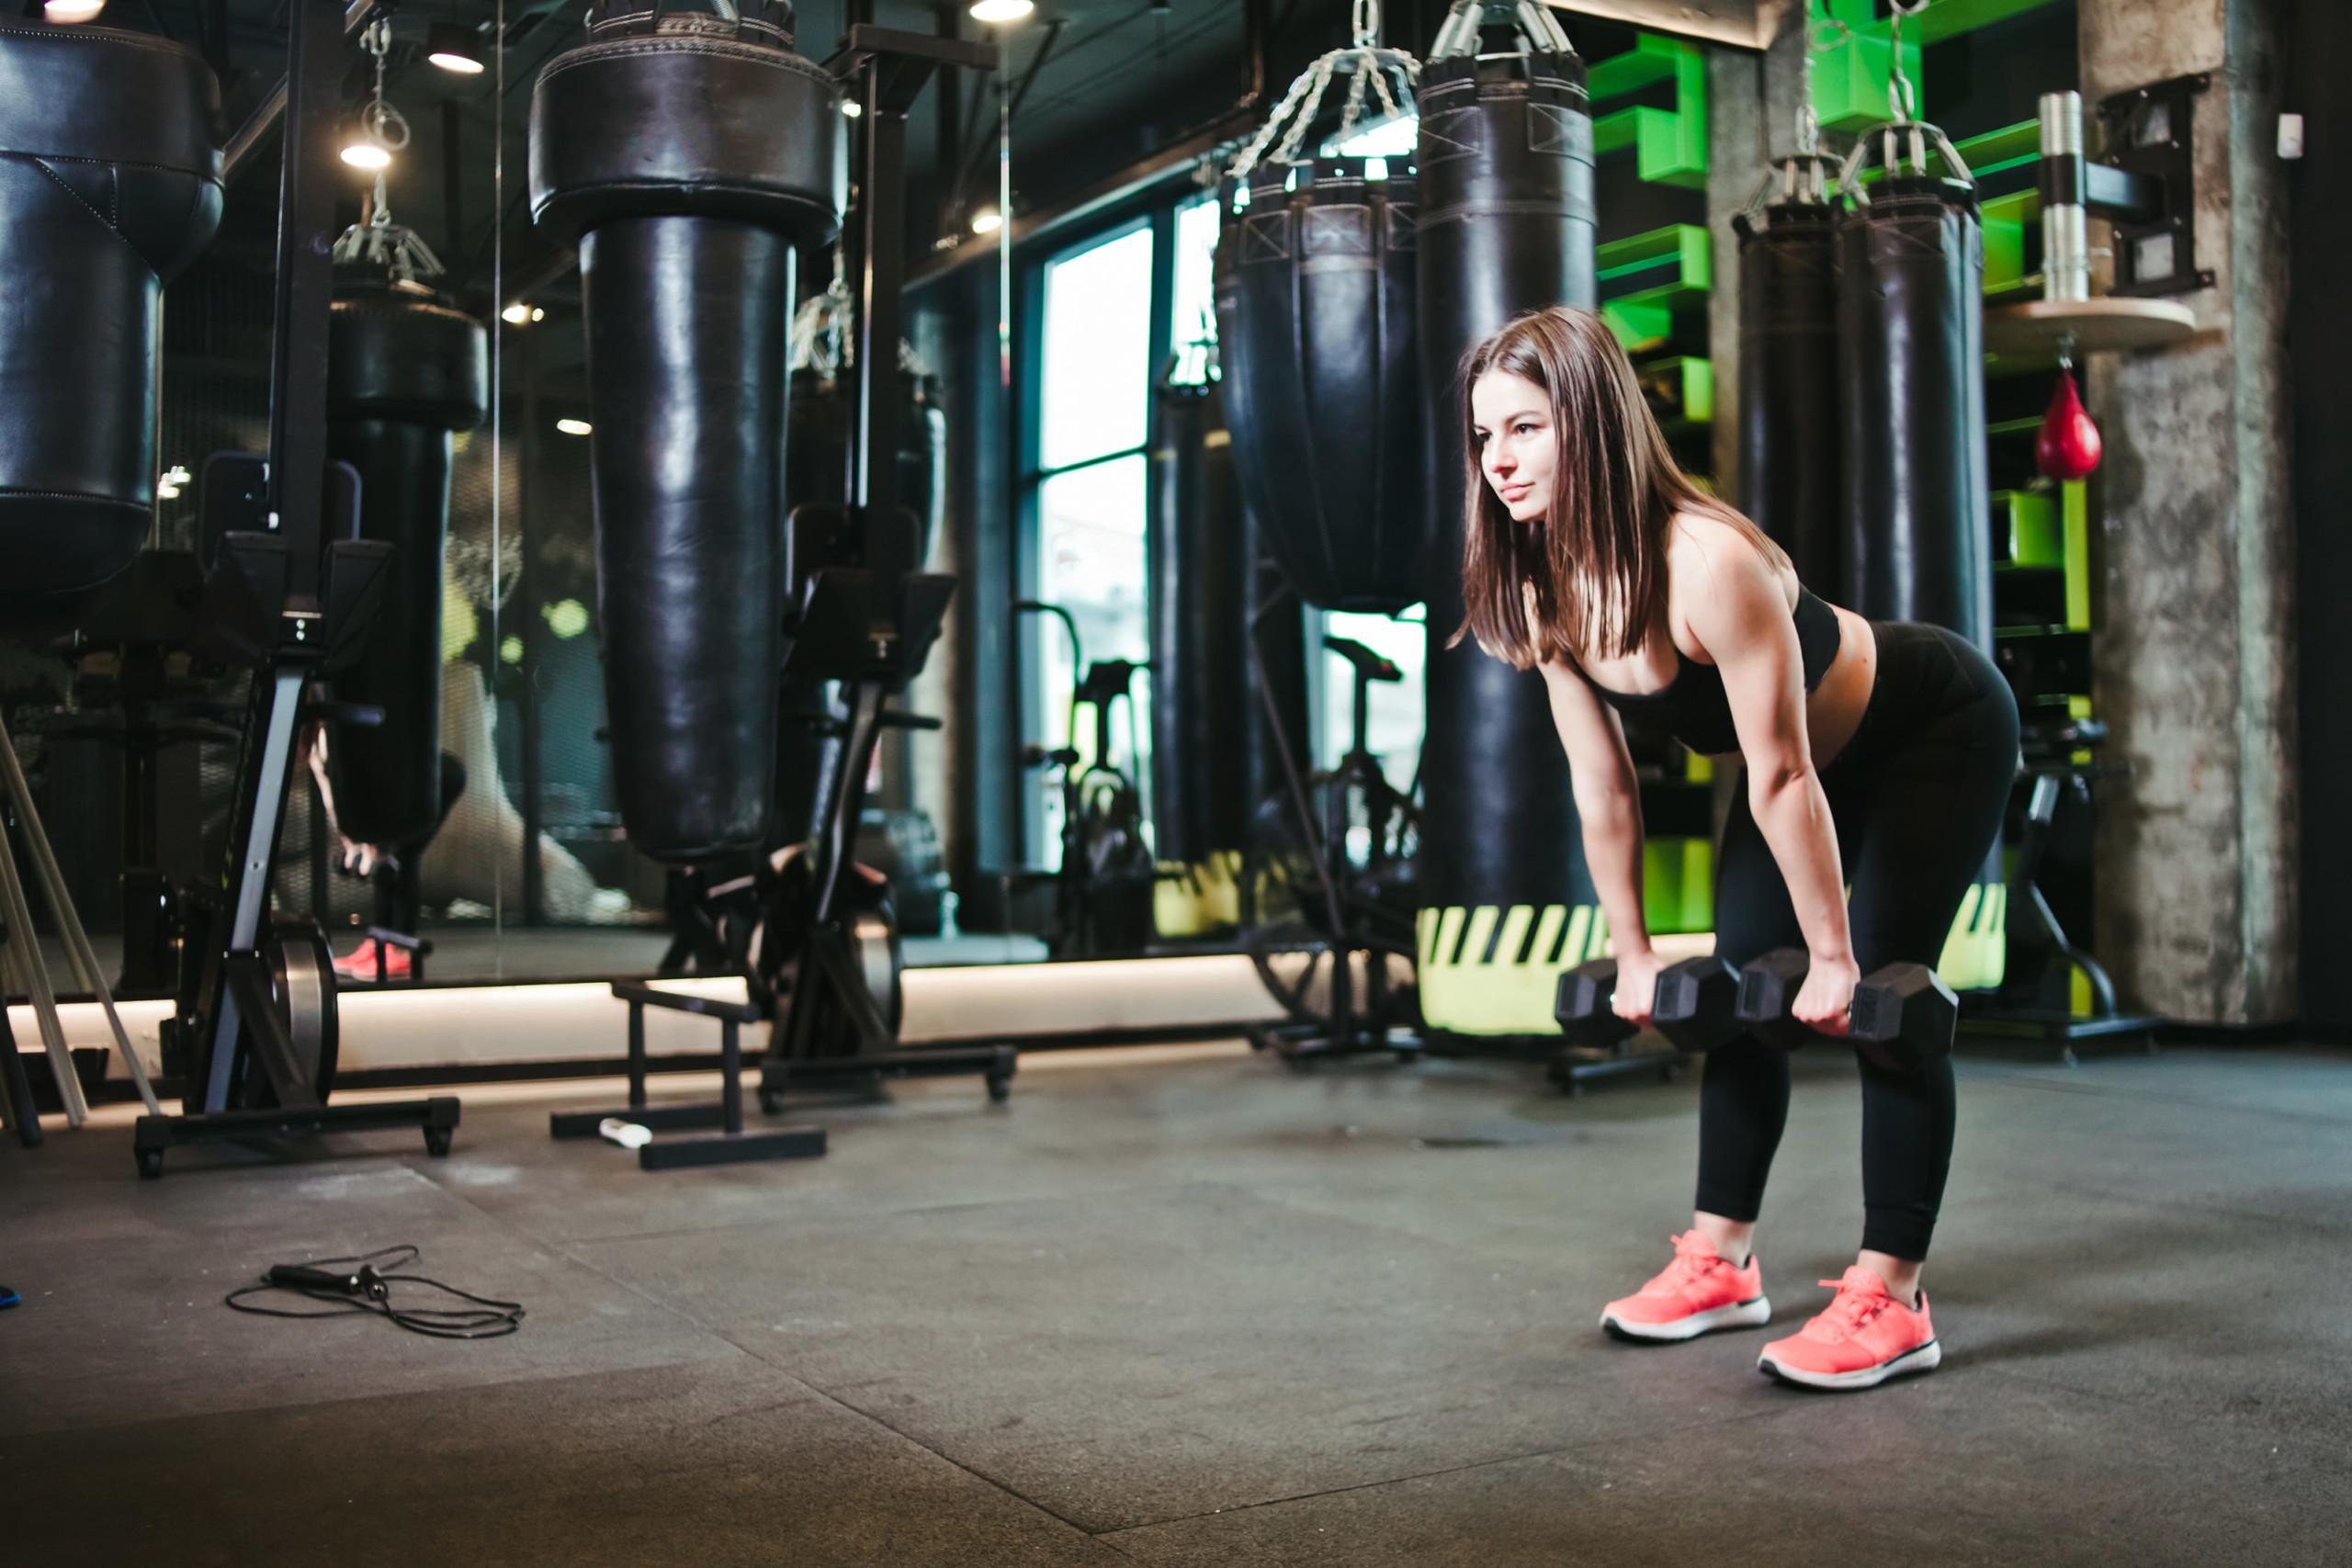 天白区パーソナルジムで女性がダンベルを持ってダイエットトレーニングを行なっている